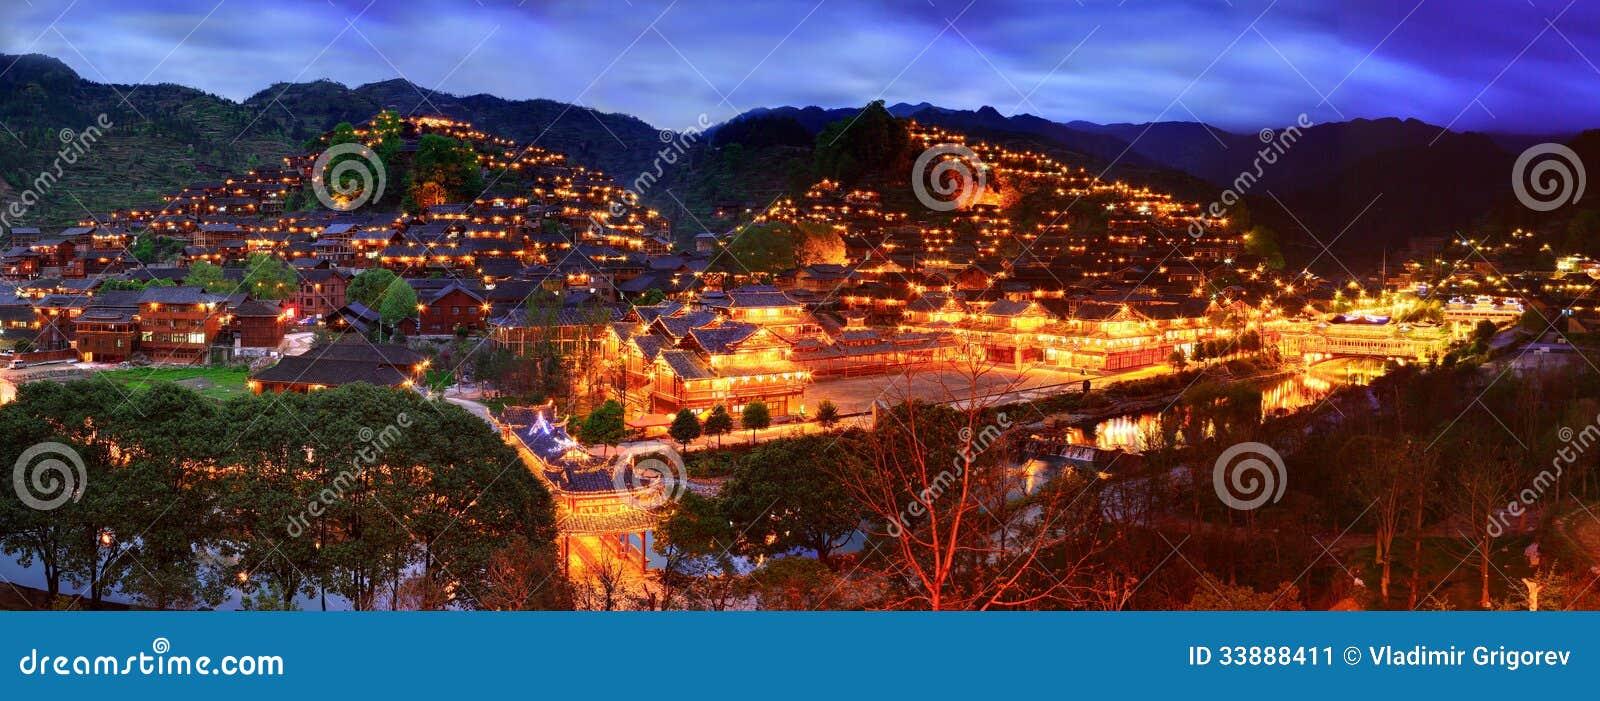 Opinión de la noche del pueblo étnico grande en el sudoeste China.